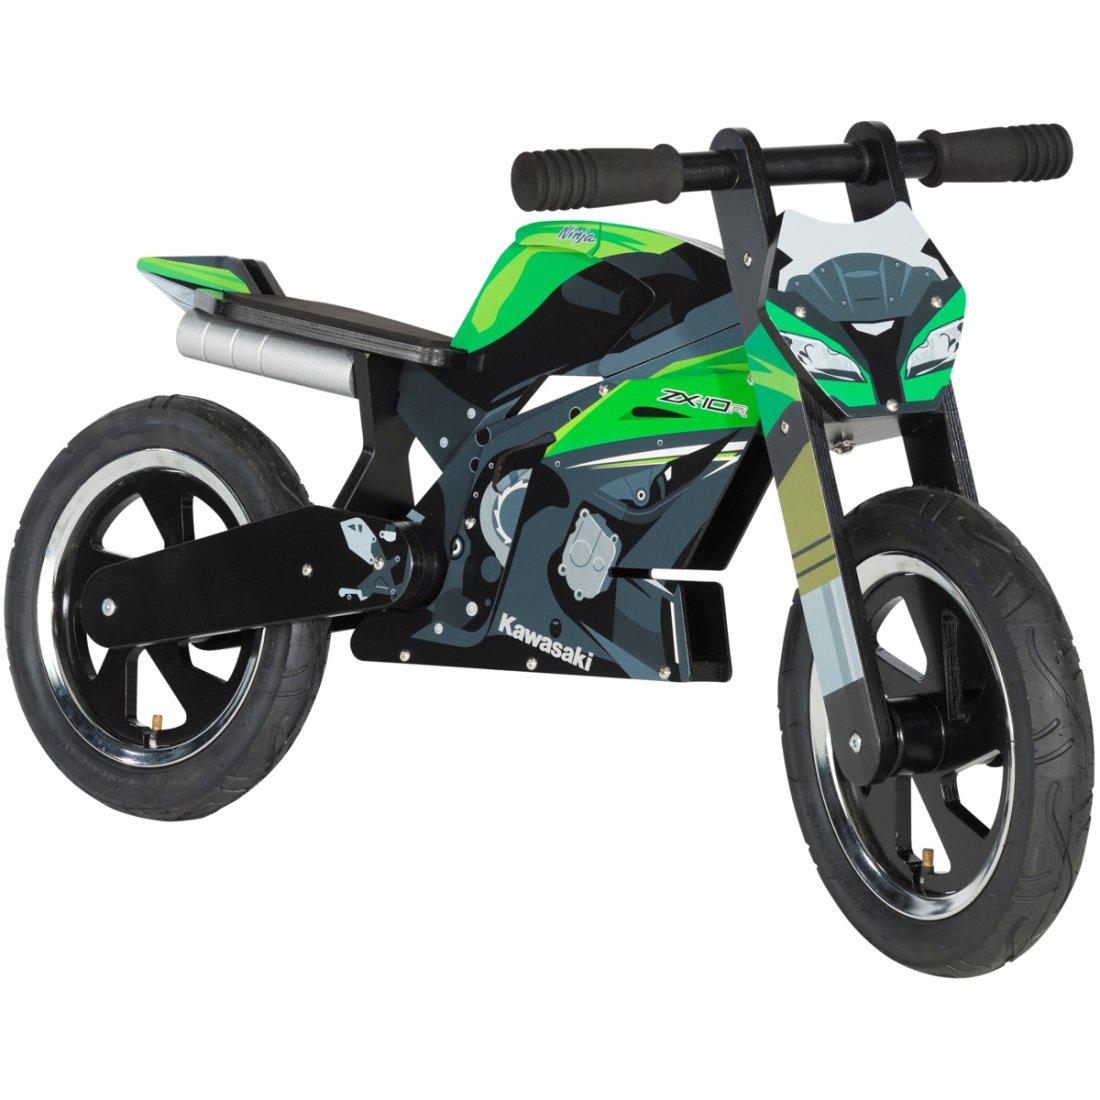 Kiddimoto Kawasaki Zx10r Balance Bike Motocard